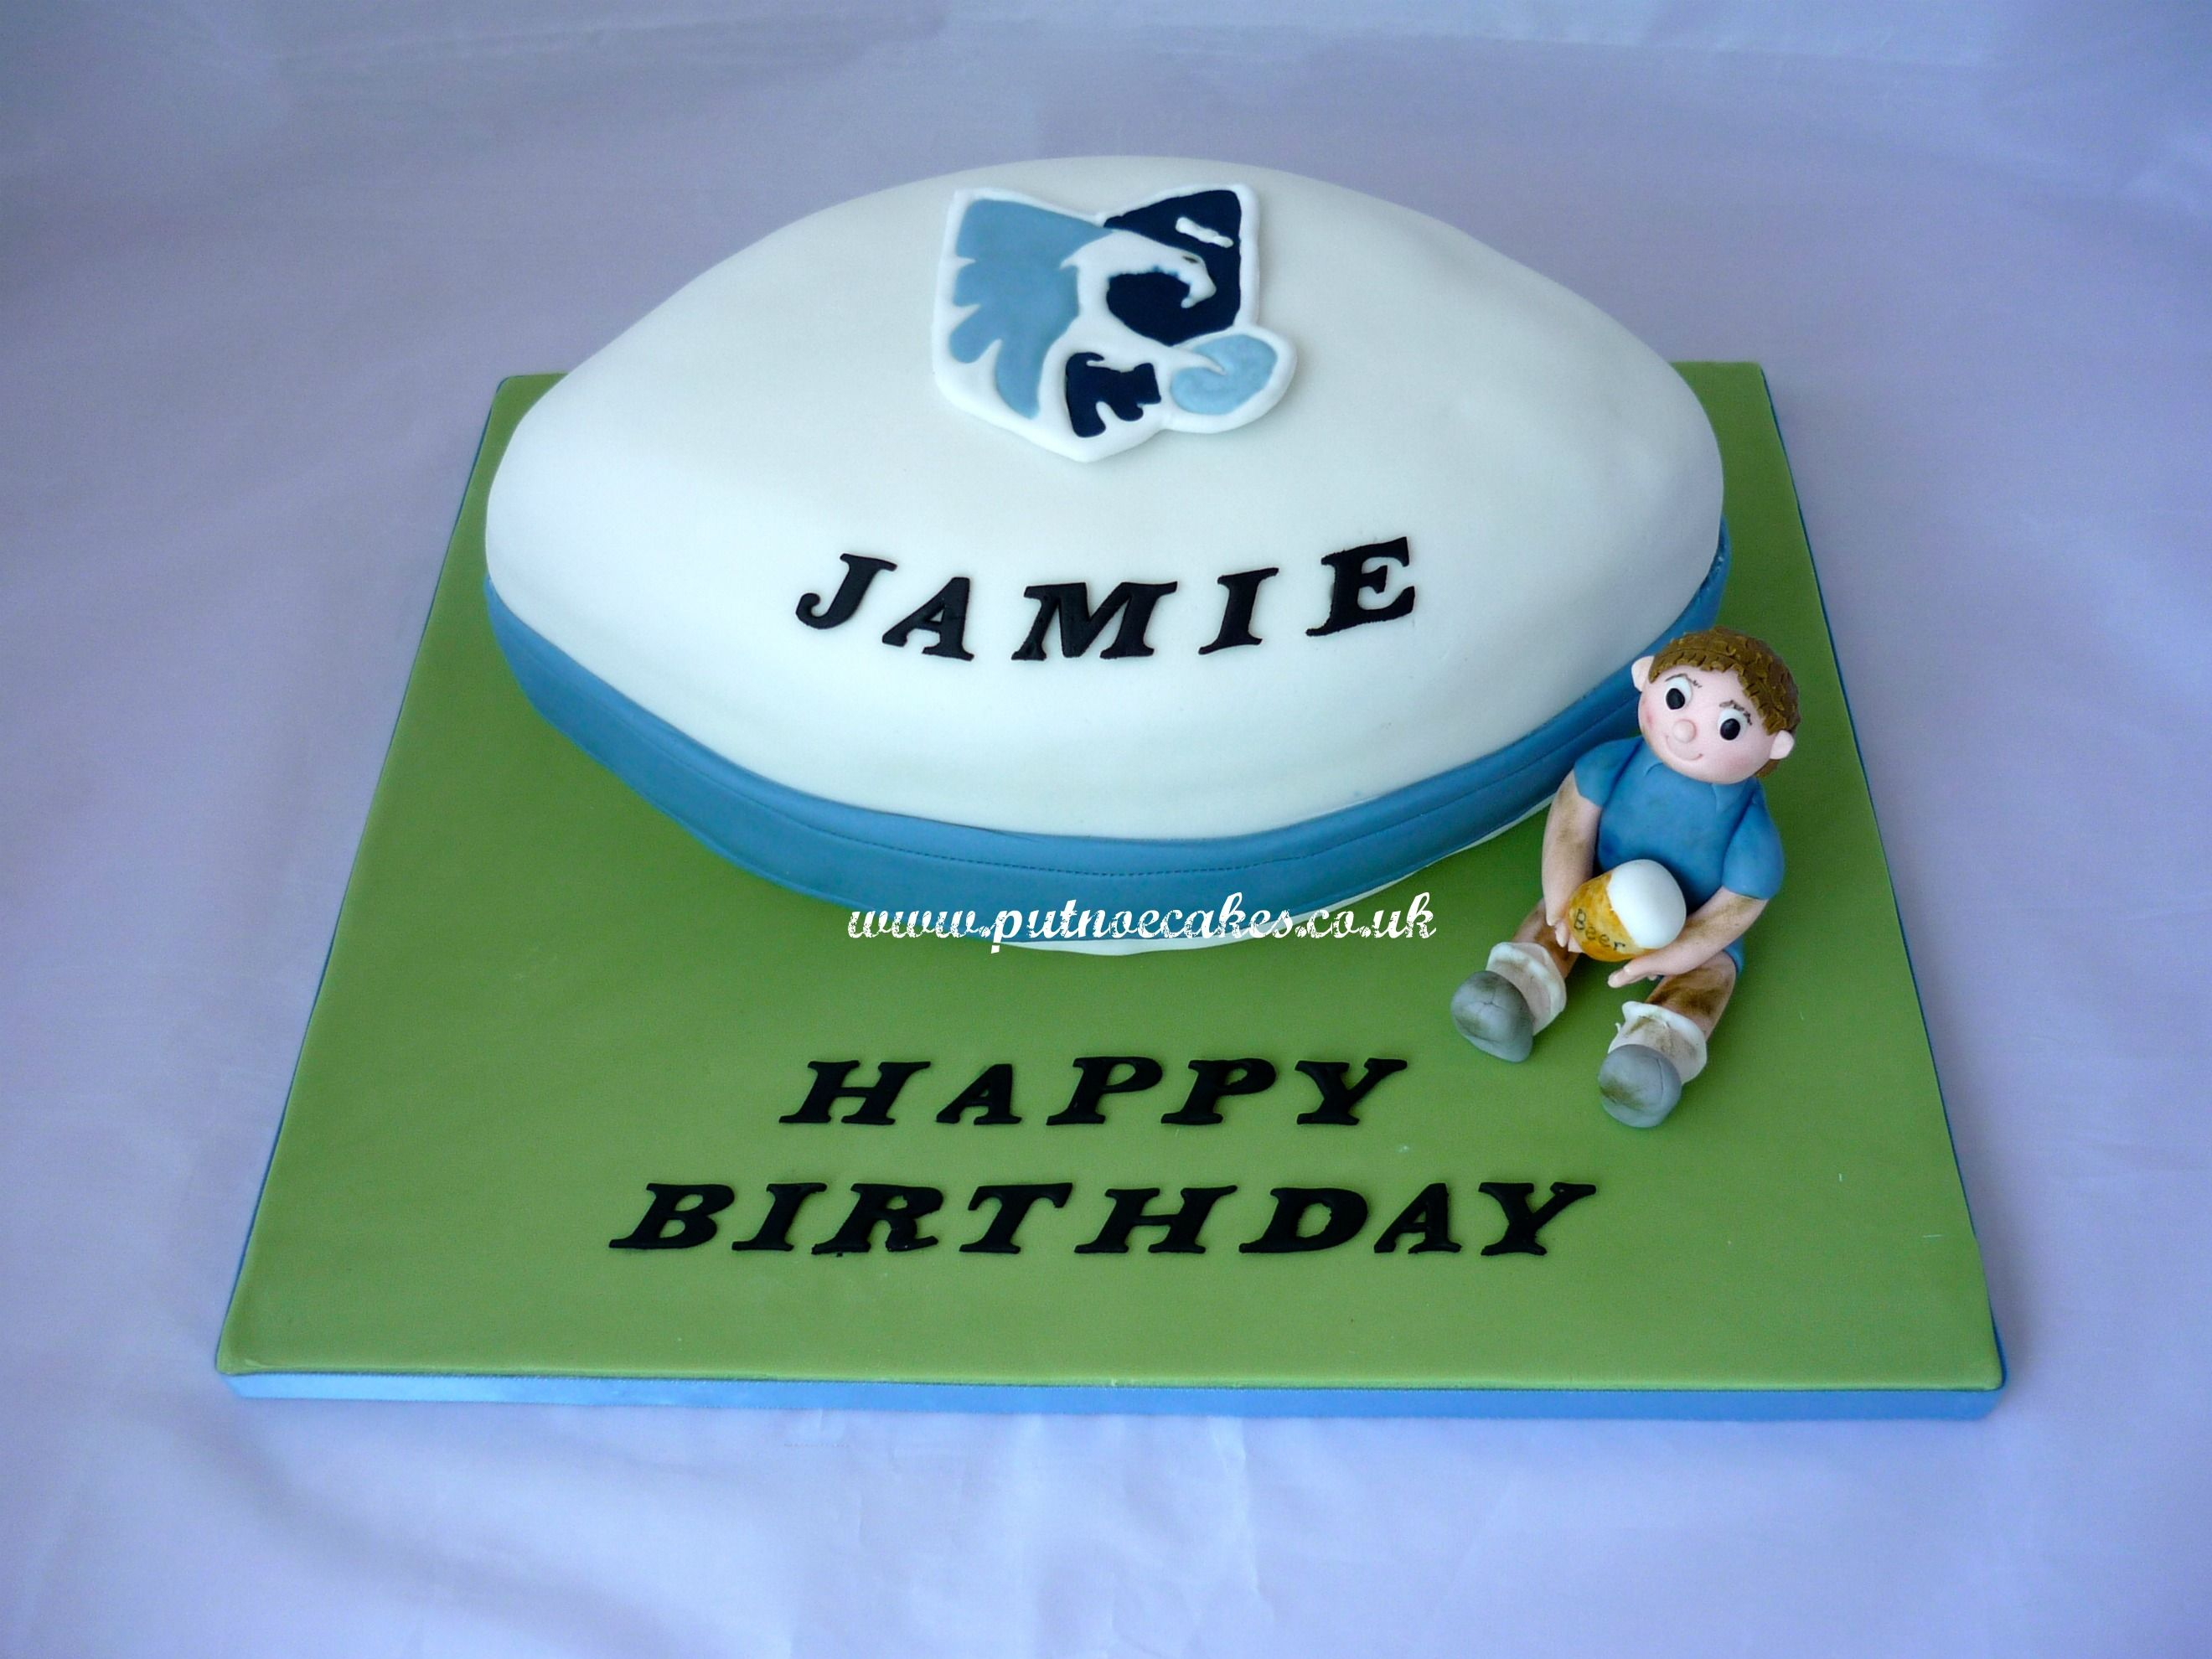 Birthday Cakes With Name Mitesh ~ Bedford blues logo google search cakes to make ideas etc